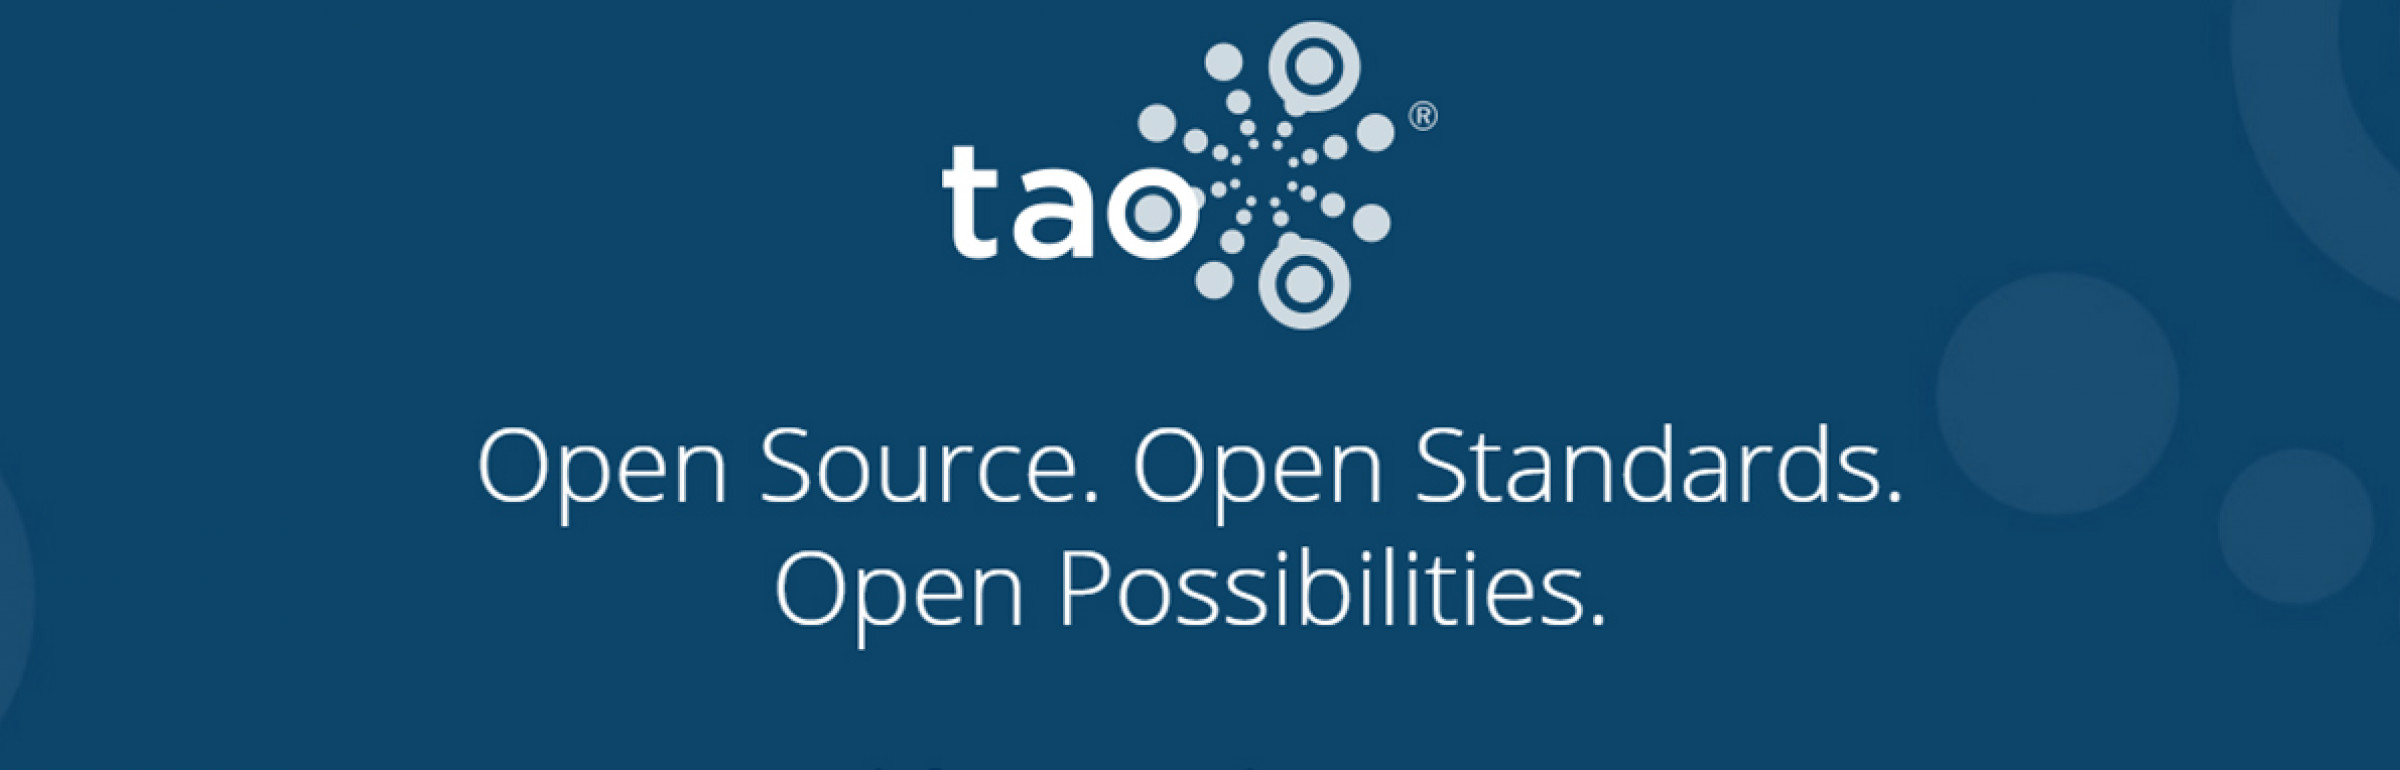 Banner Open Assessment Technologies S.A.